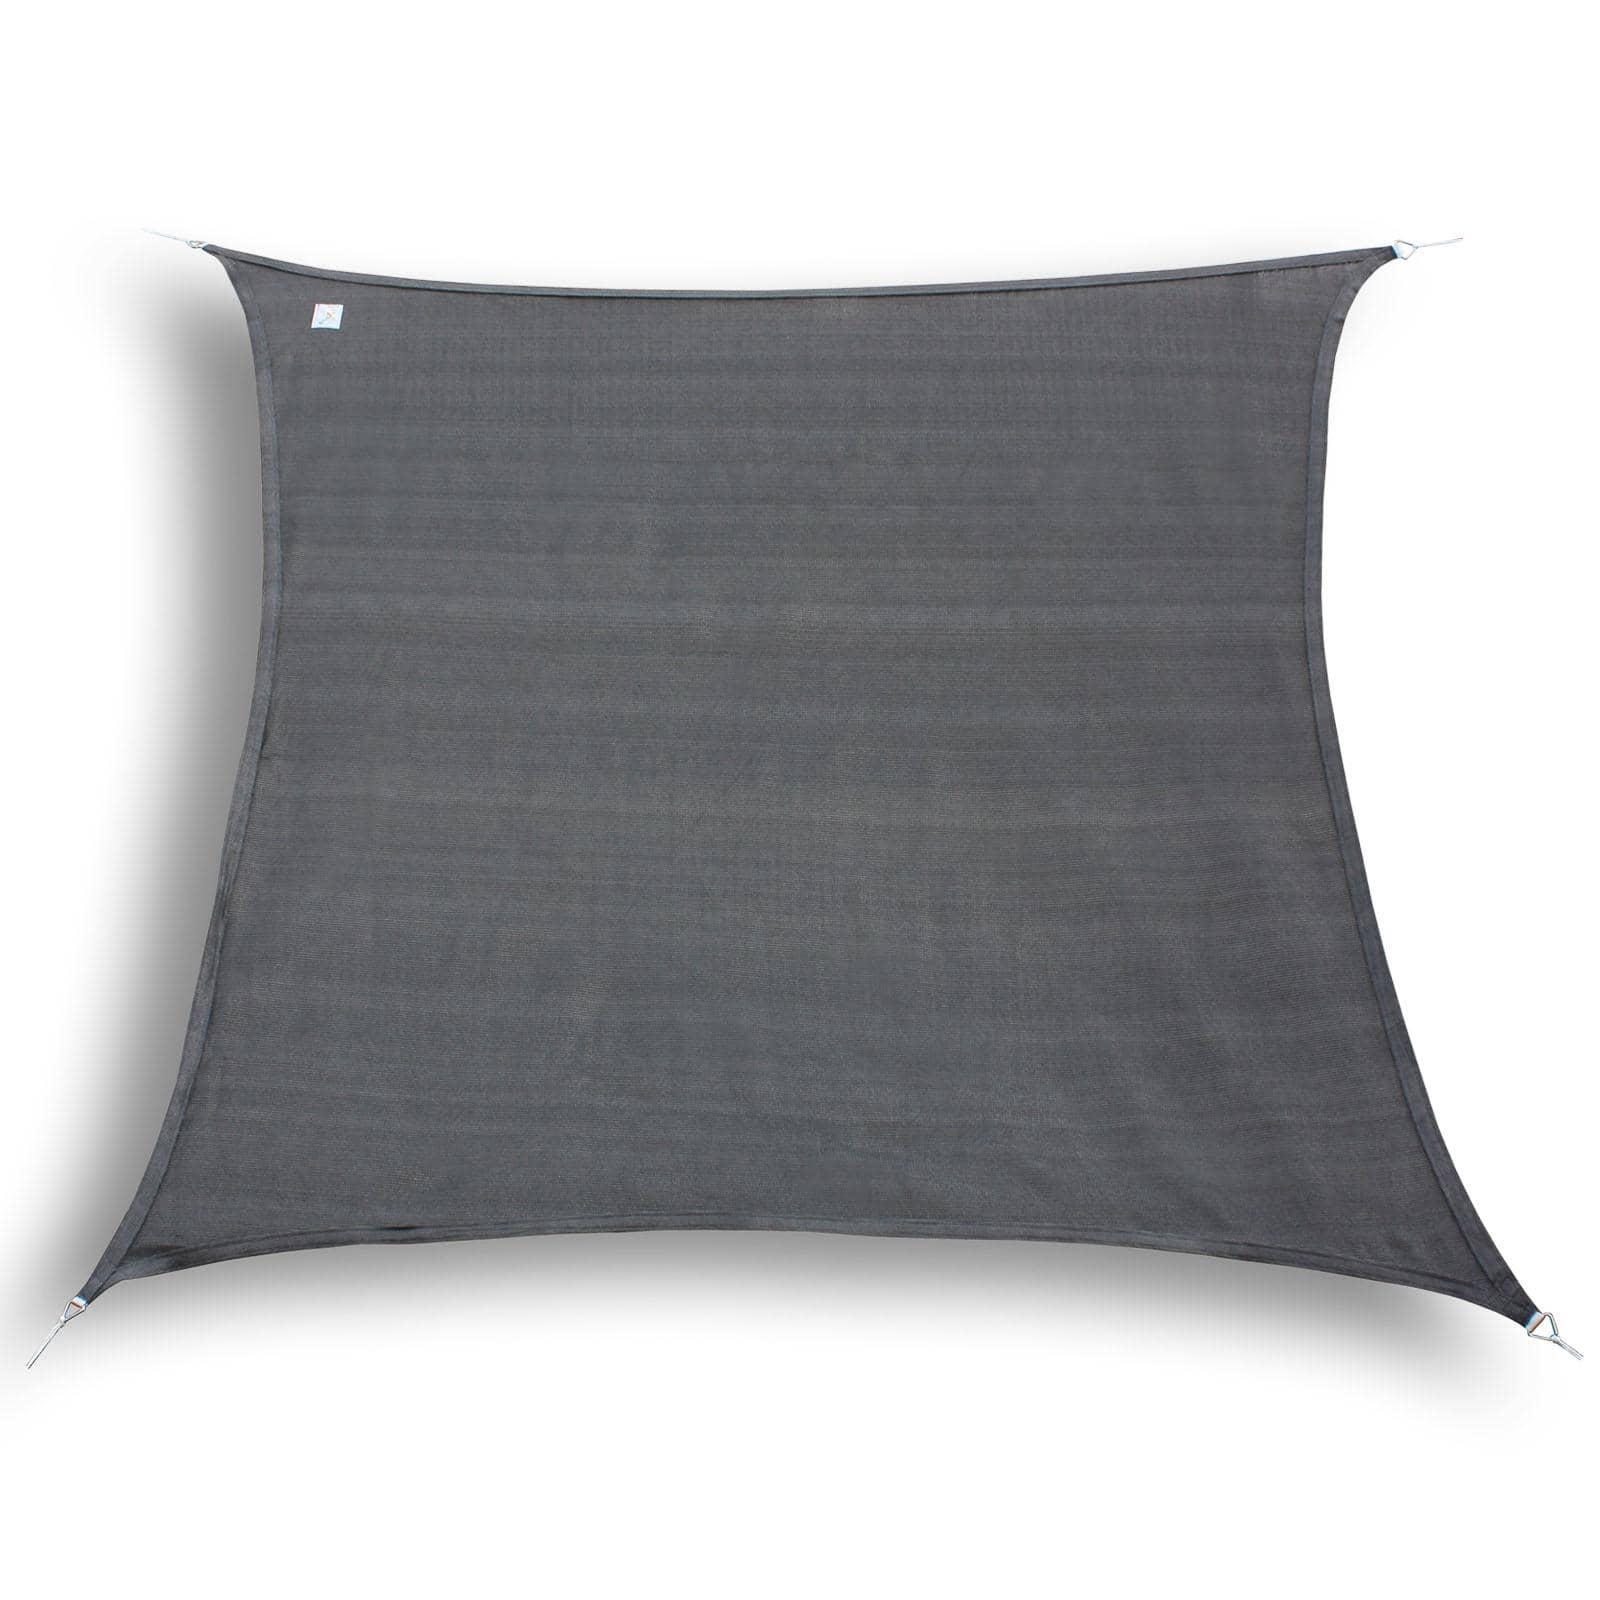 hanSe® Schaduwdoek Vierkant Waterdoorlatend 4x4 m - zonnedoek - Grijs